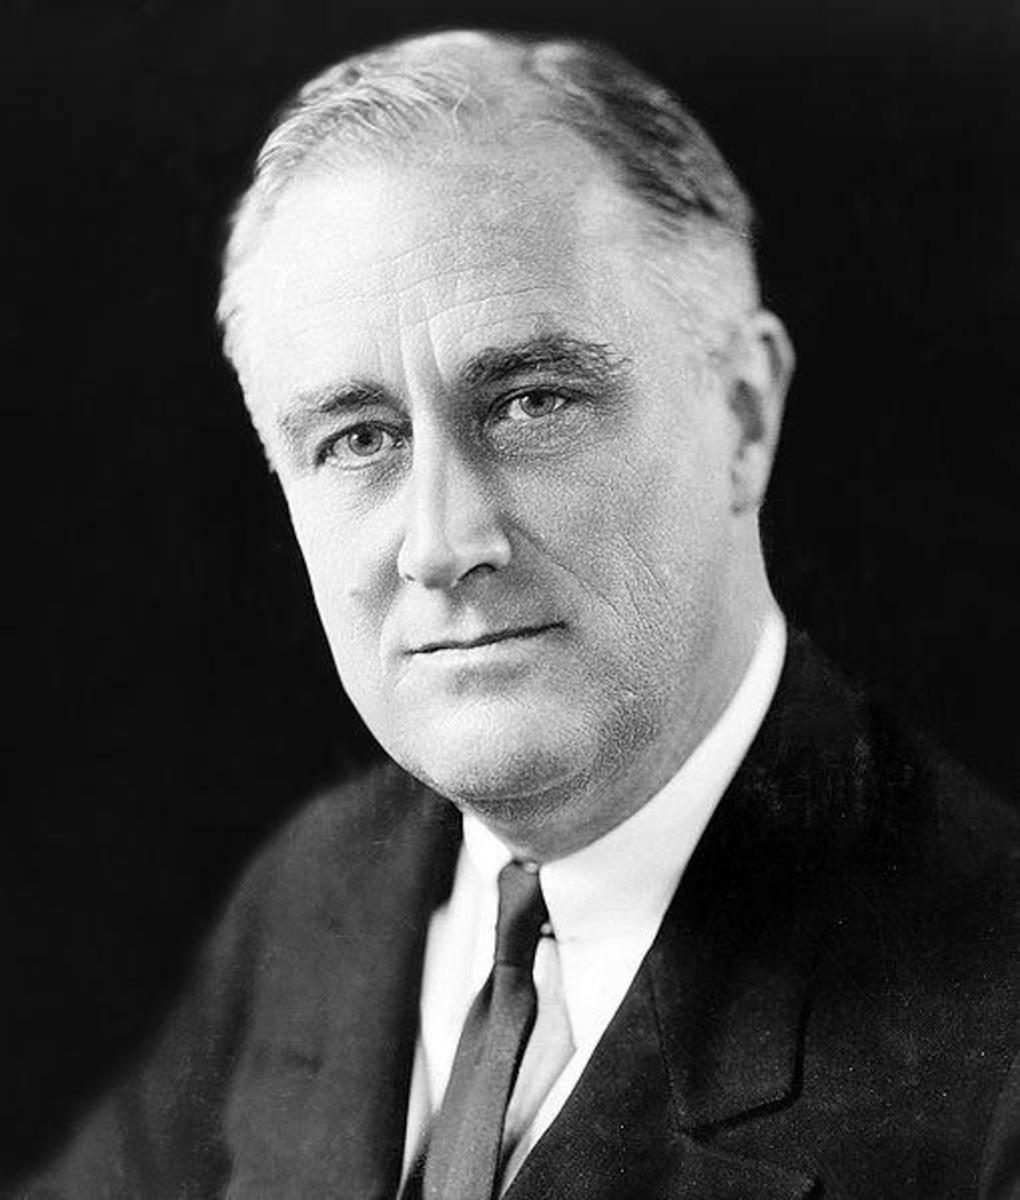 President Franklin D. Roosevelt